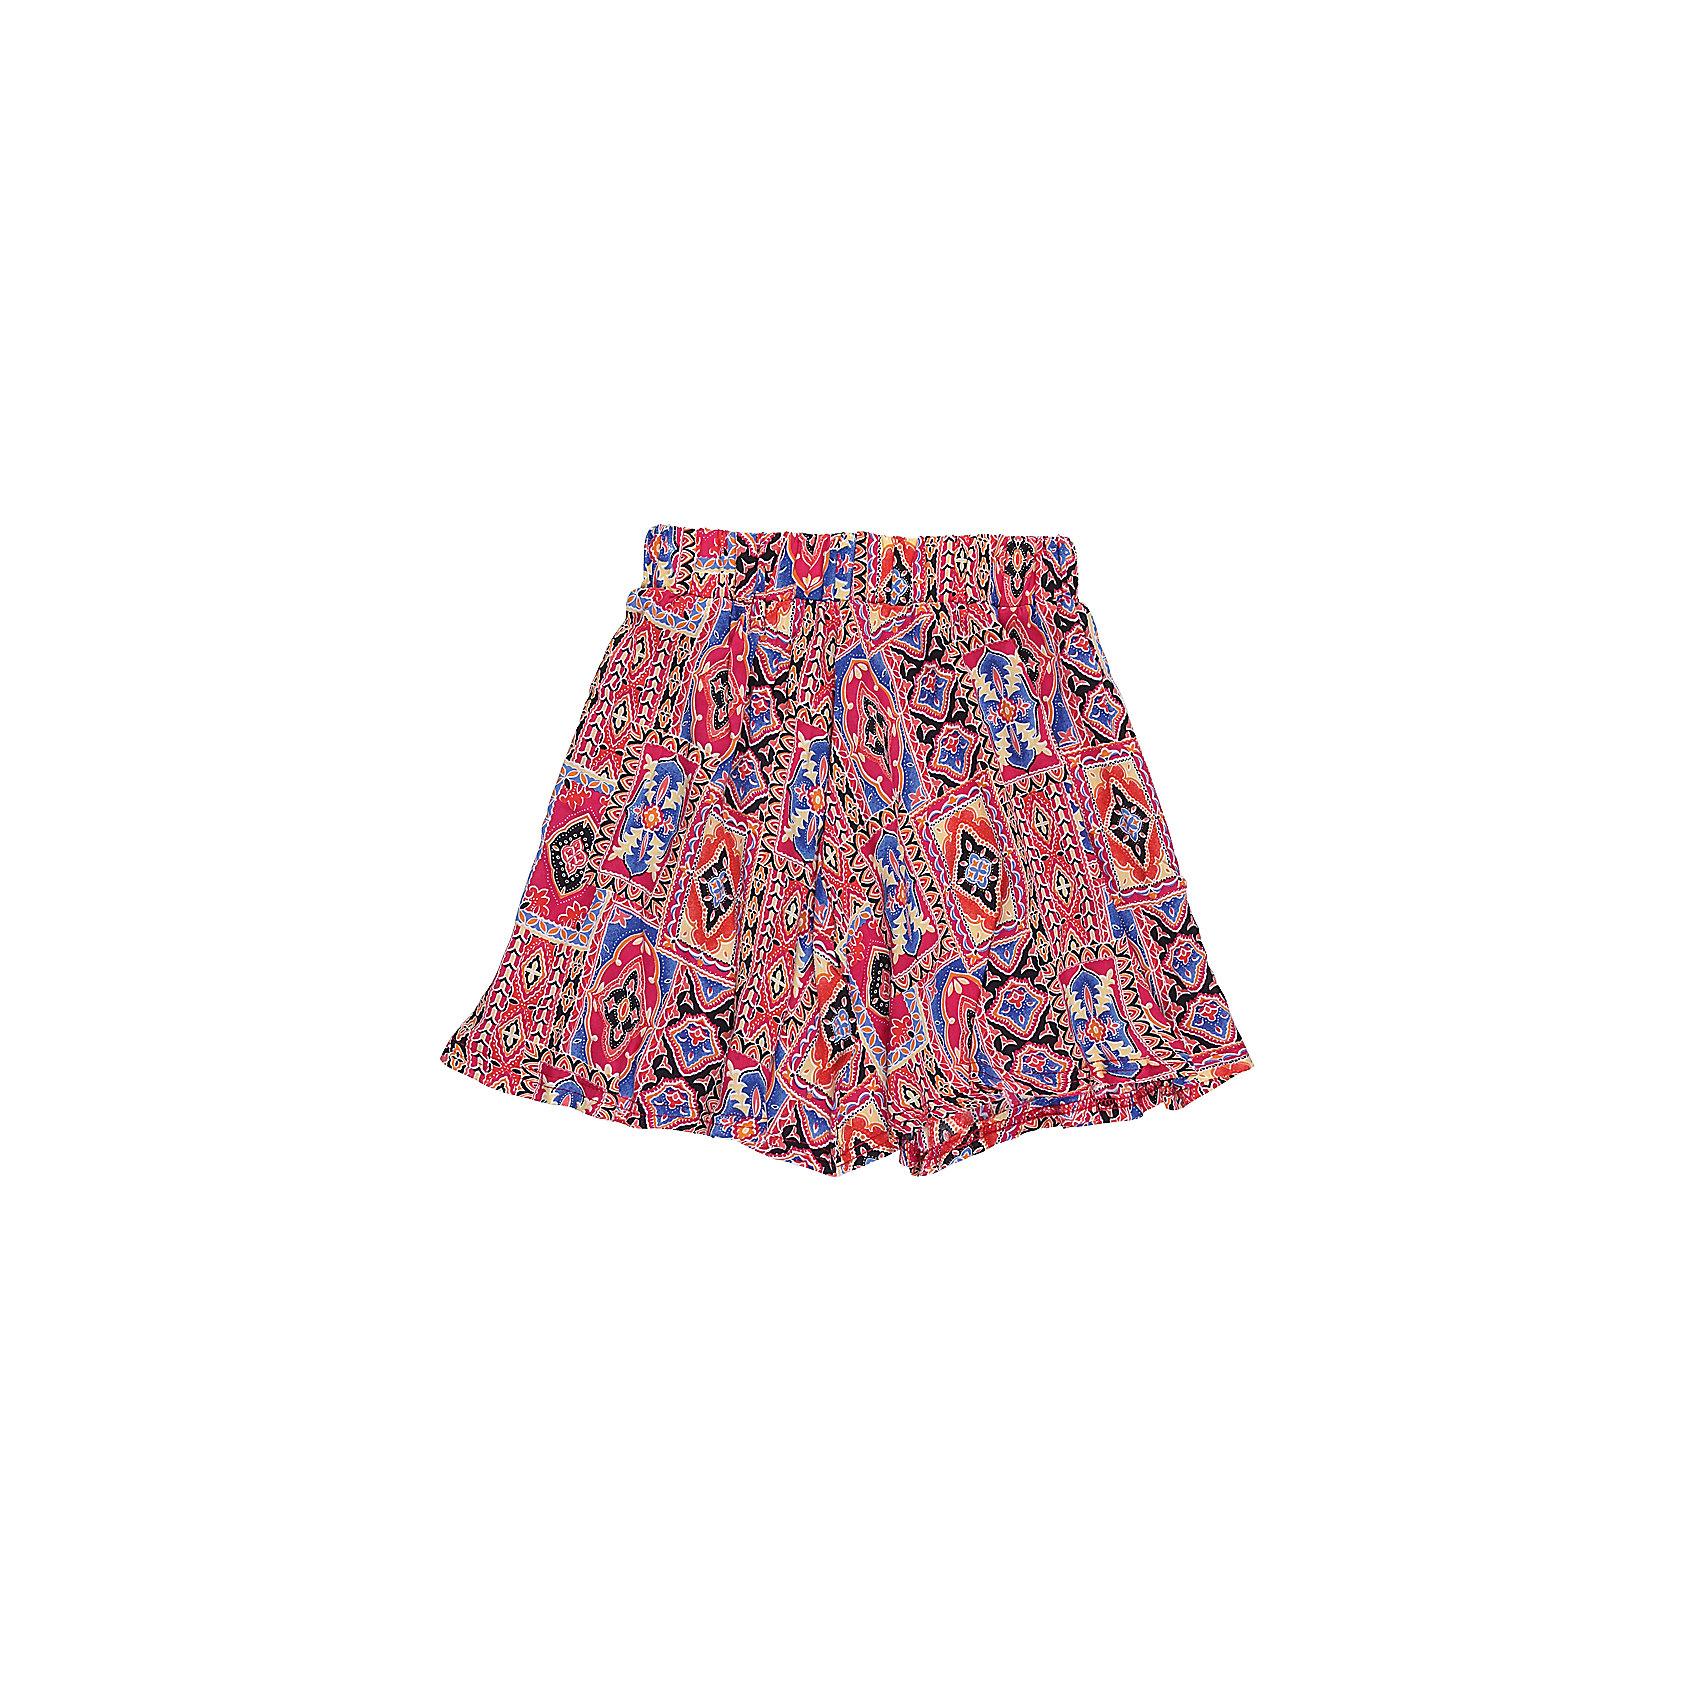 Юбка для девочки LuminosoЮбки<br>Легкая текстильная юбка для девочки из принтованной ткани. Широкий эластичный пояс.<br>Состав:<br>100% вискоза<br><br>Ширина мм: 207<br>Глубина мм: 10<br>Высота мм: 189<br>Вес г: 183<br>Цвет: разноцветный<br>Возраст от месяцев: 132<br>Возраст до месяцев: 144<br>Пол: Женский<br>Возраст: Детский<br>Размер: 152,134,164,158,146,140<br>SKU: 5413633